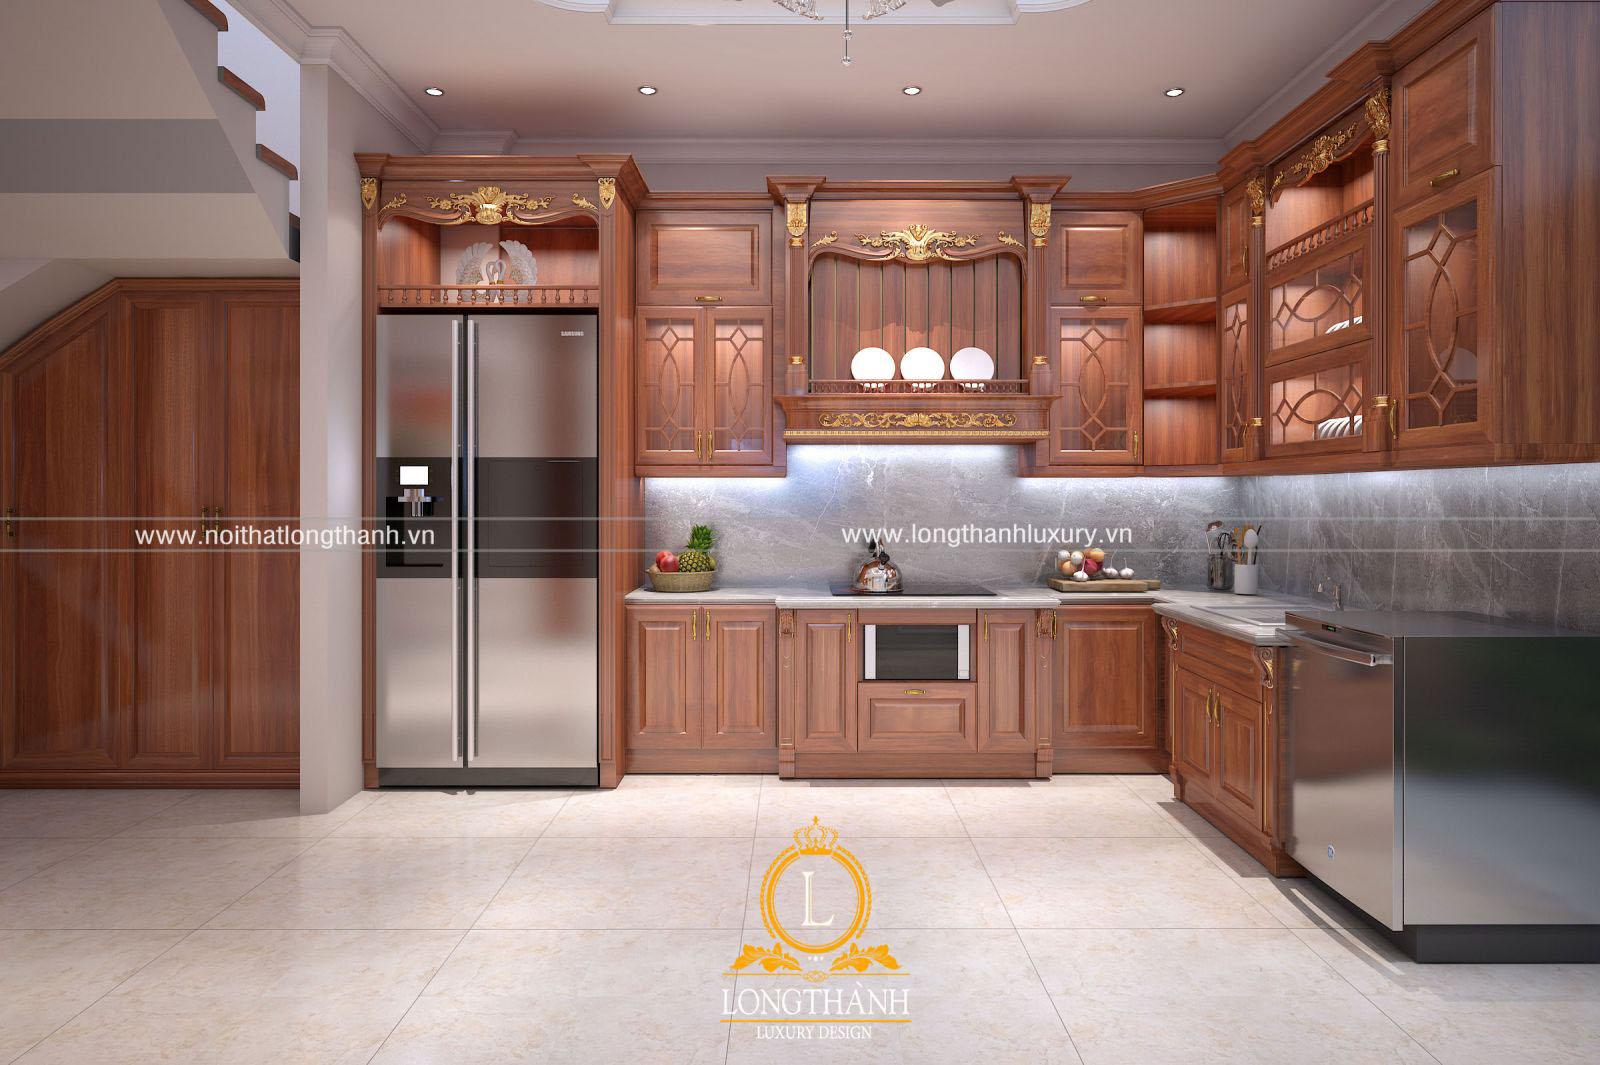 Tủ bếp gỗ Gõ đẹp LT53 góc nhìn thứ 1